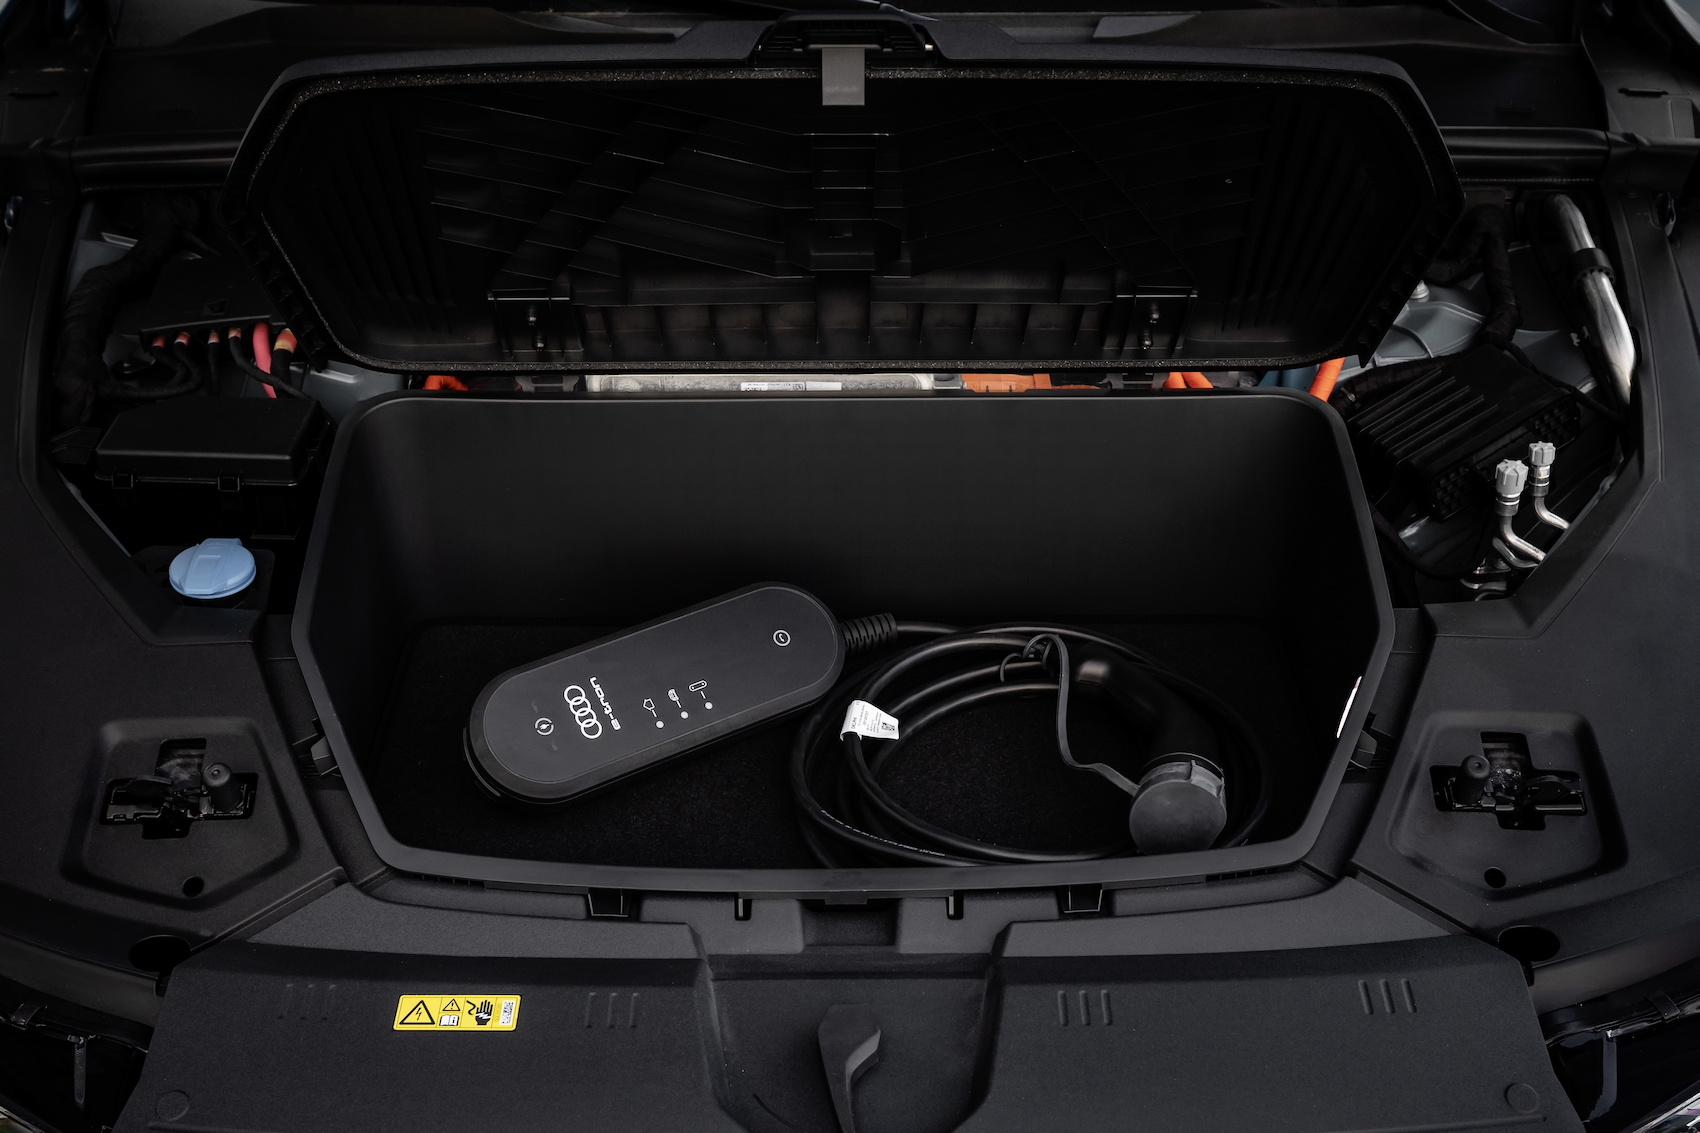 Le système de recharge compact se range facilement dans le coffre avant de l'Audi e-tron. (AUDI)